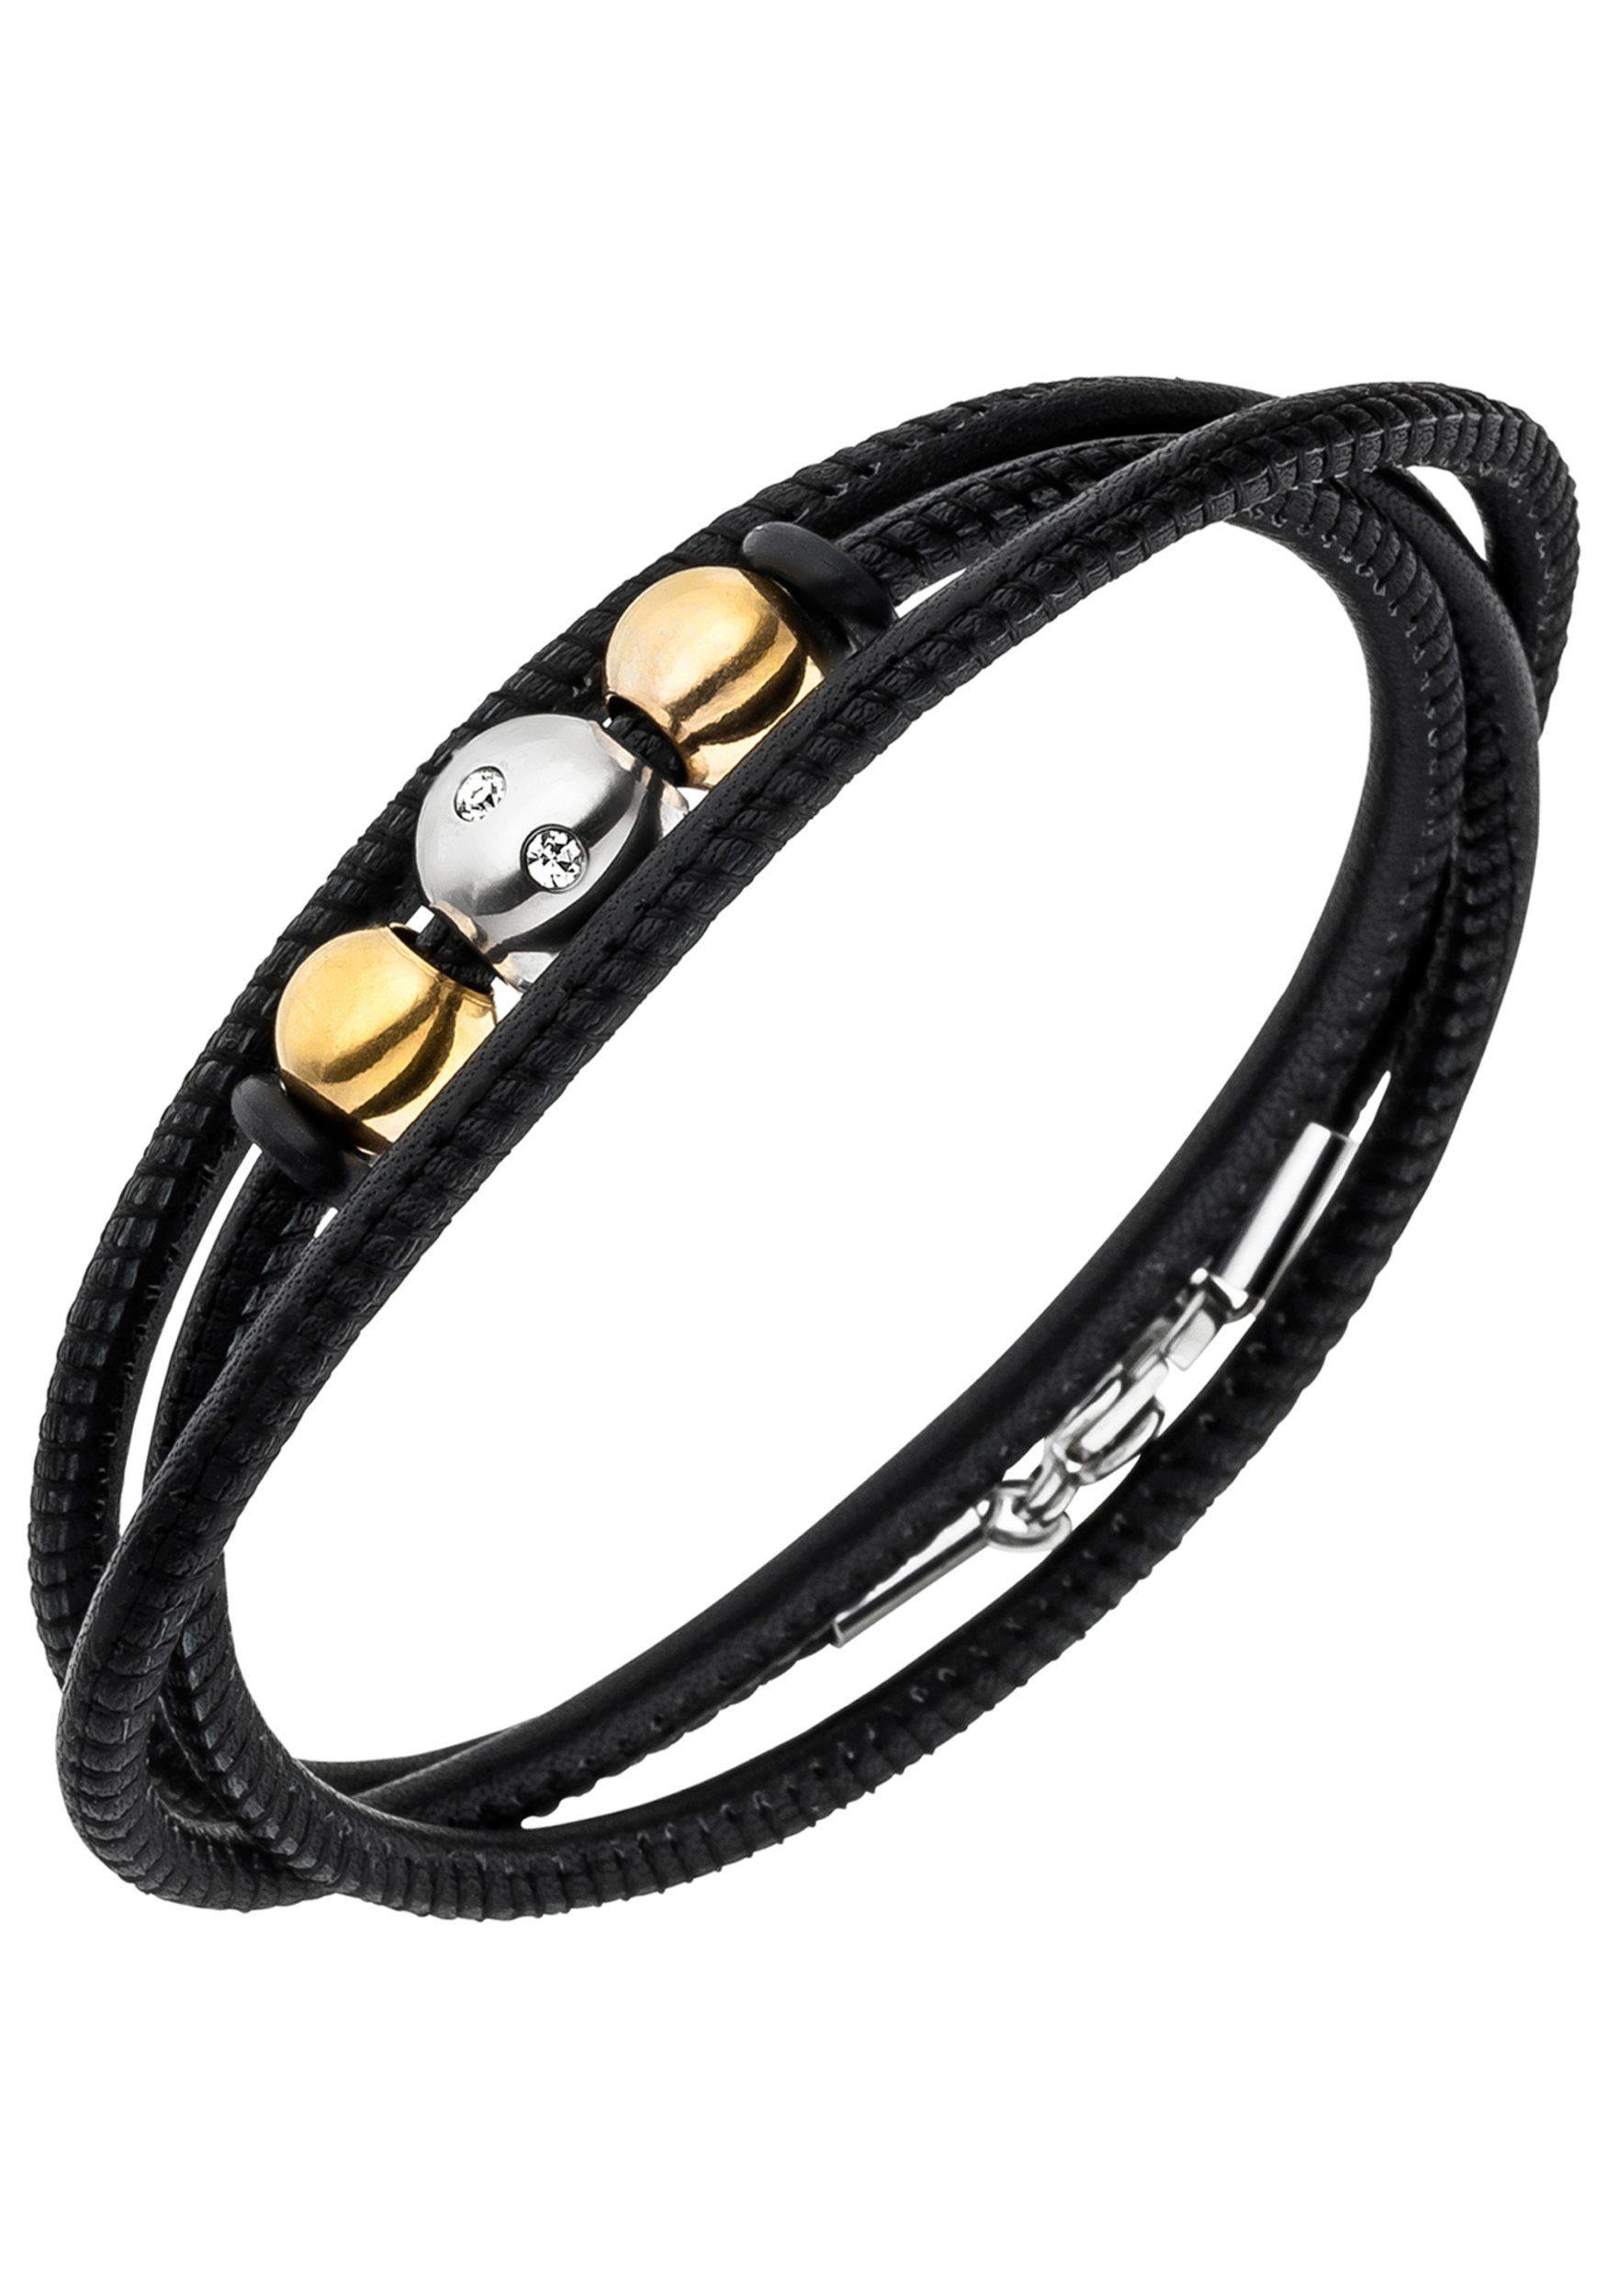 Treu Diesel Herren Armband Schwarz Echt Leder Knopfverschluss A-ruler Bracelet